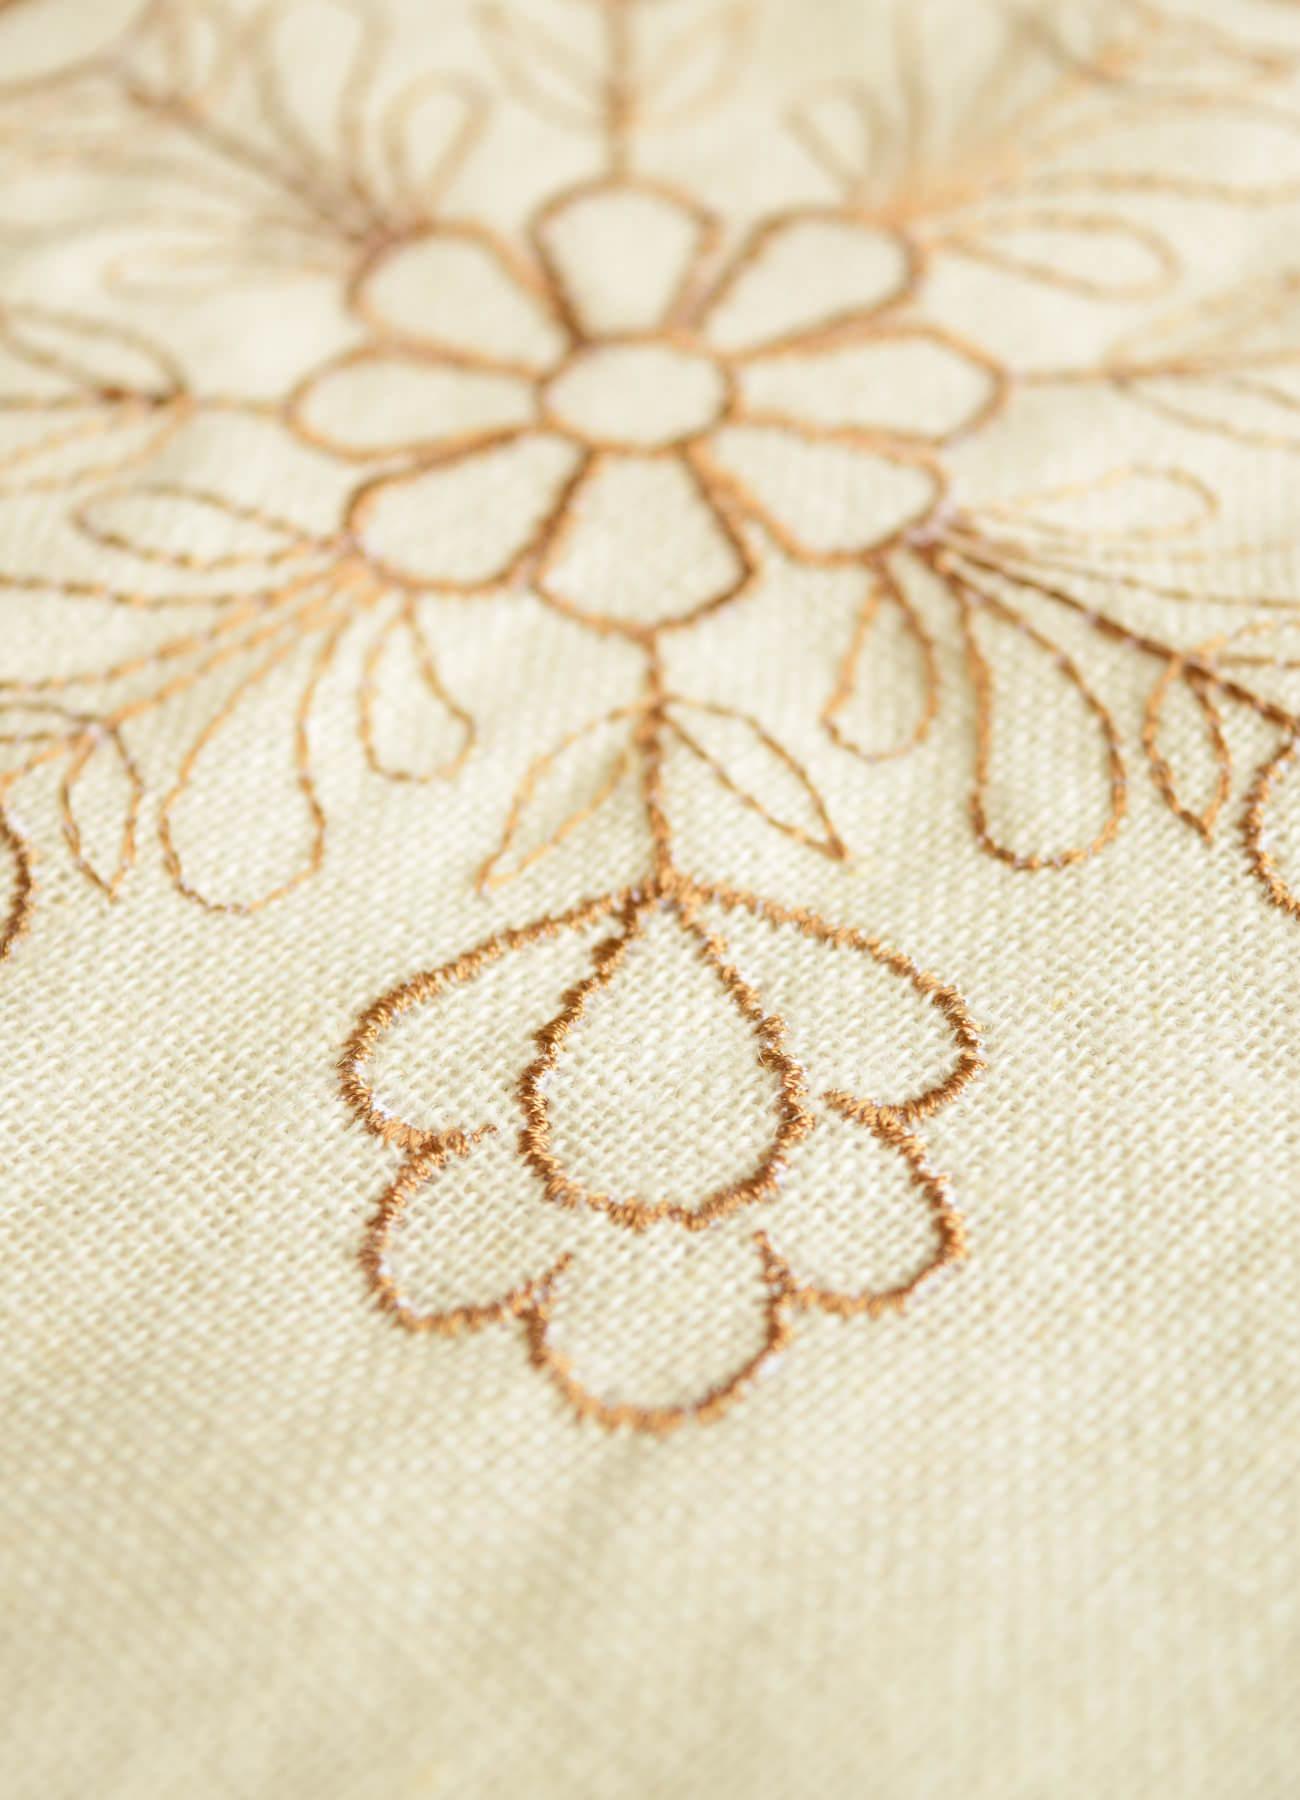 繍カーテン ウエディングブーケ⑧